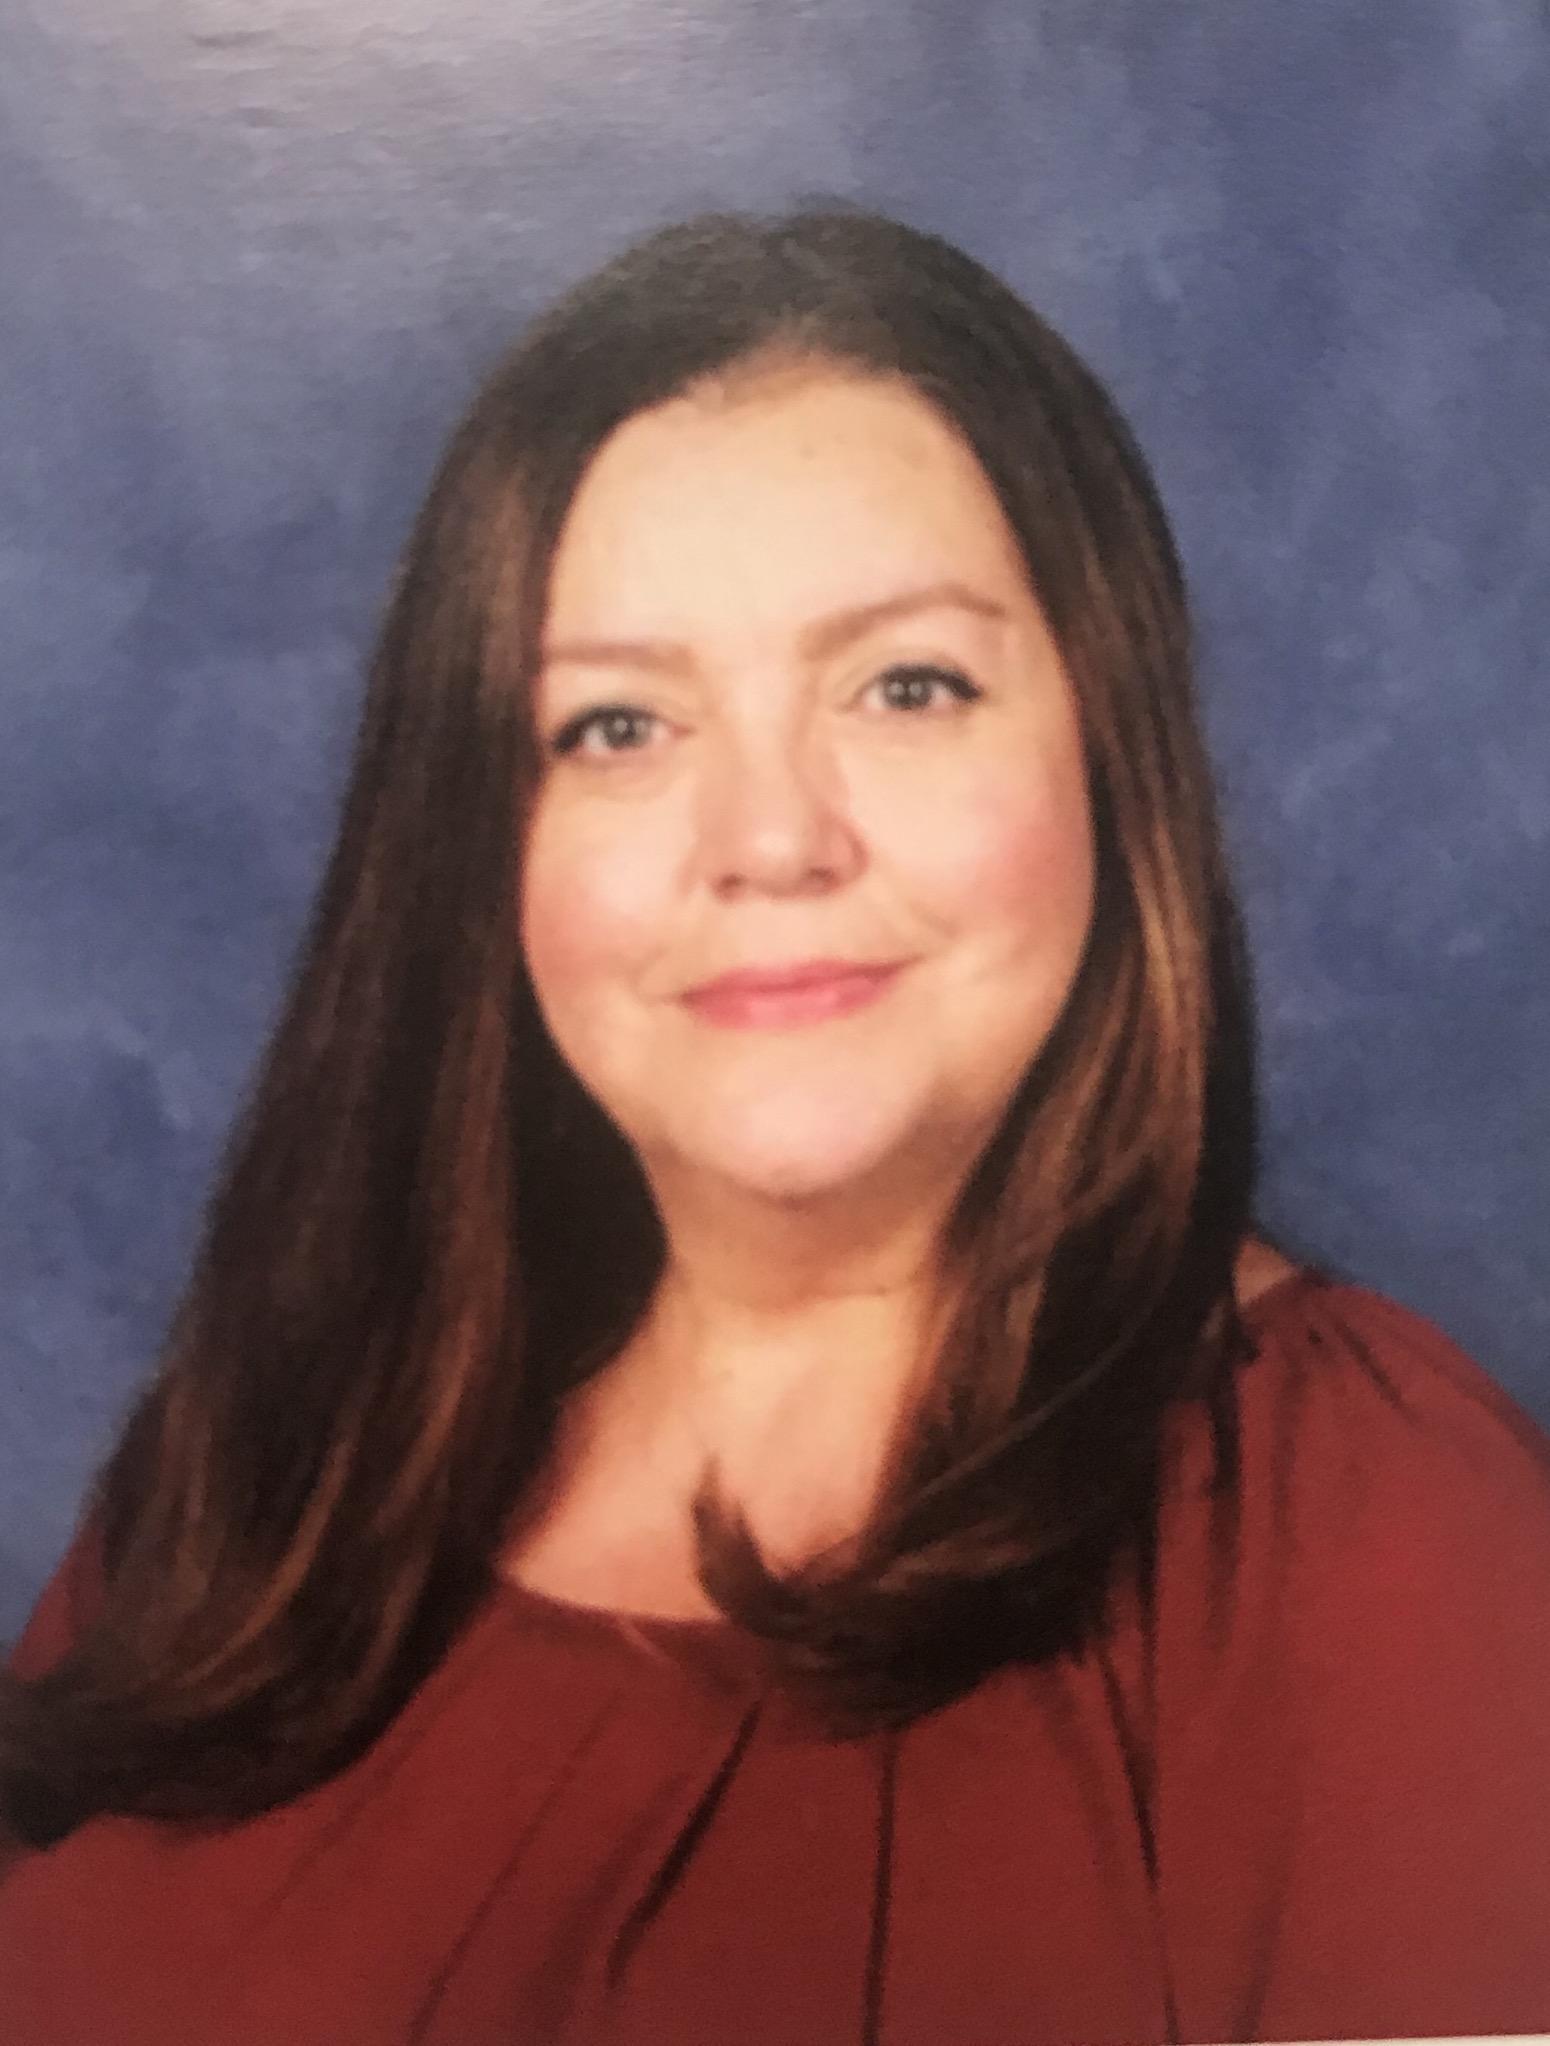 Mrs. Gonzalez Williams